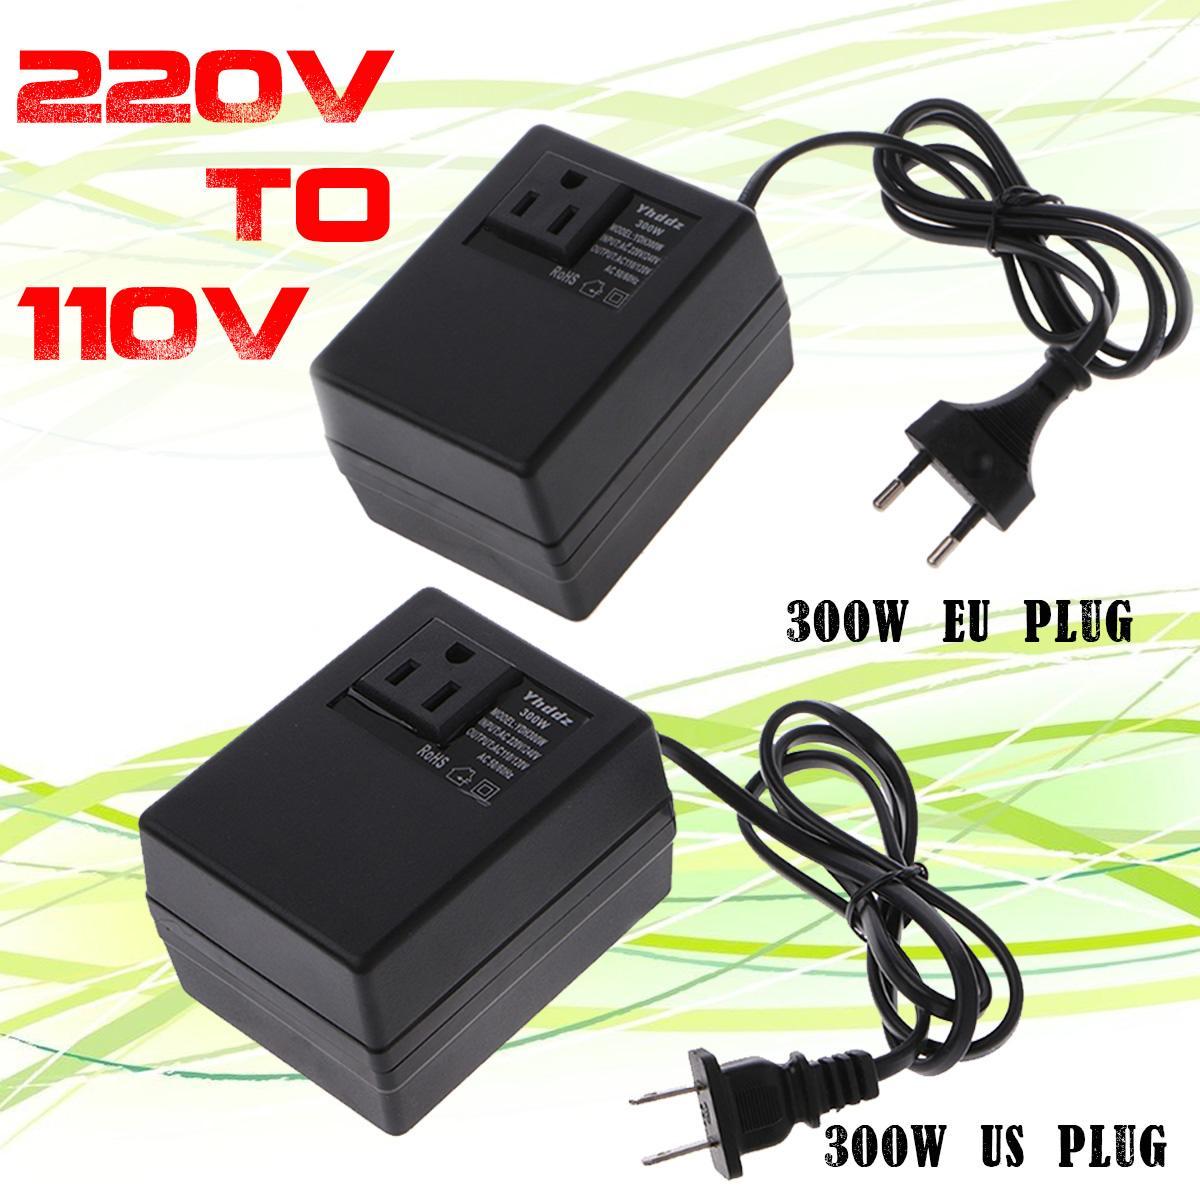 Nouveau transformateur de convertisseur de tension 300 W abaisseur 220 V à 110 V AC convertisseur de transformateur de tension de voyage abaisseur